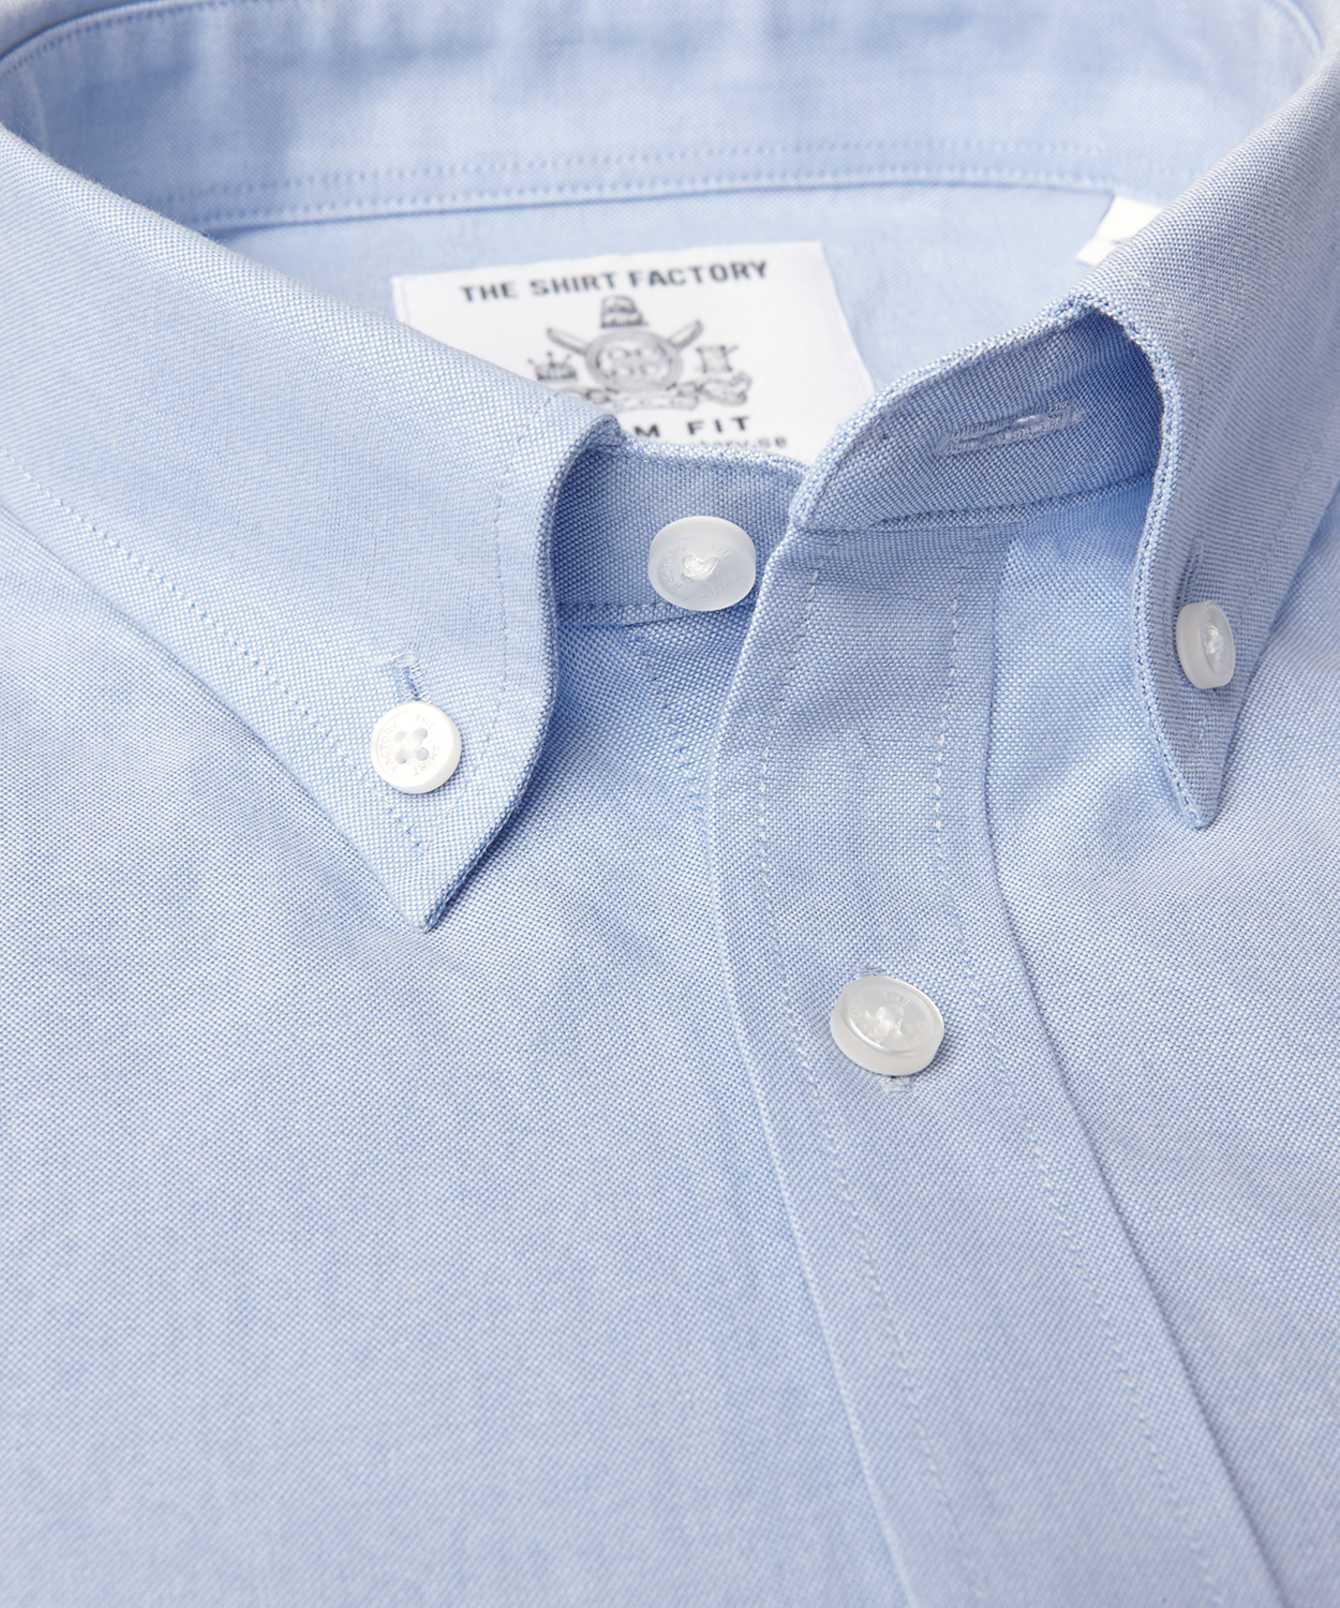 Skjorta Holiday Oxford herrskjorta The Shirt Factory